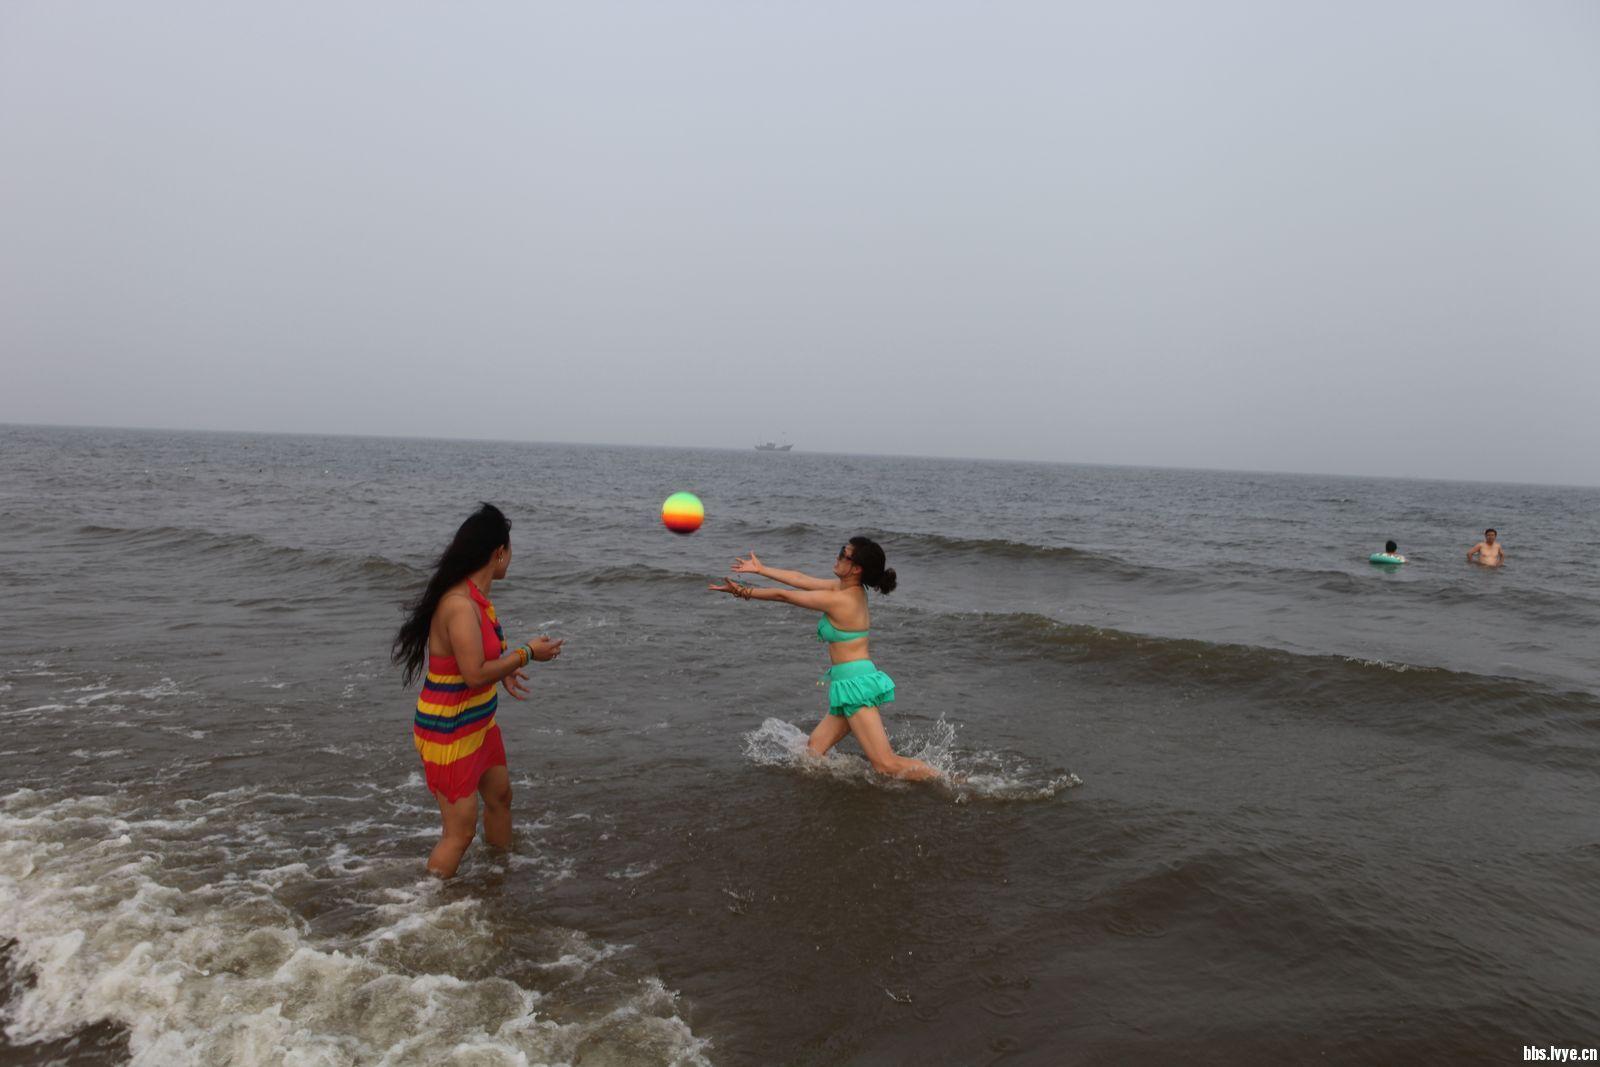 周末《消夏暑伏周末自驾--浪漫翡翠岛百人扎营狂欢》快乐活动照片